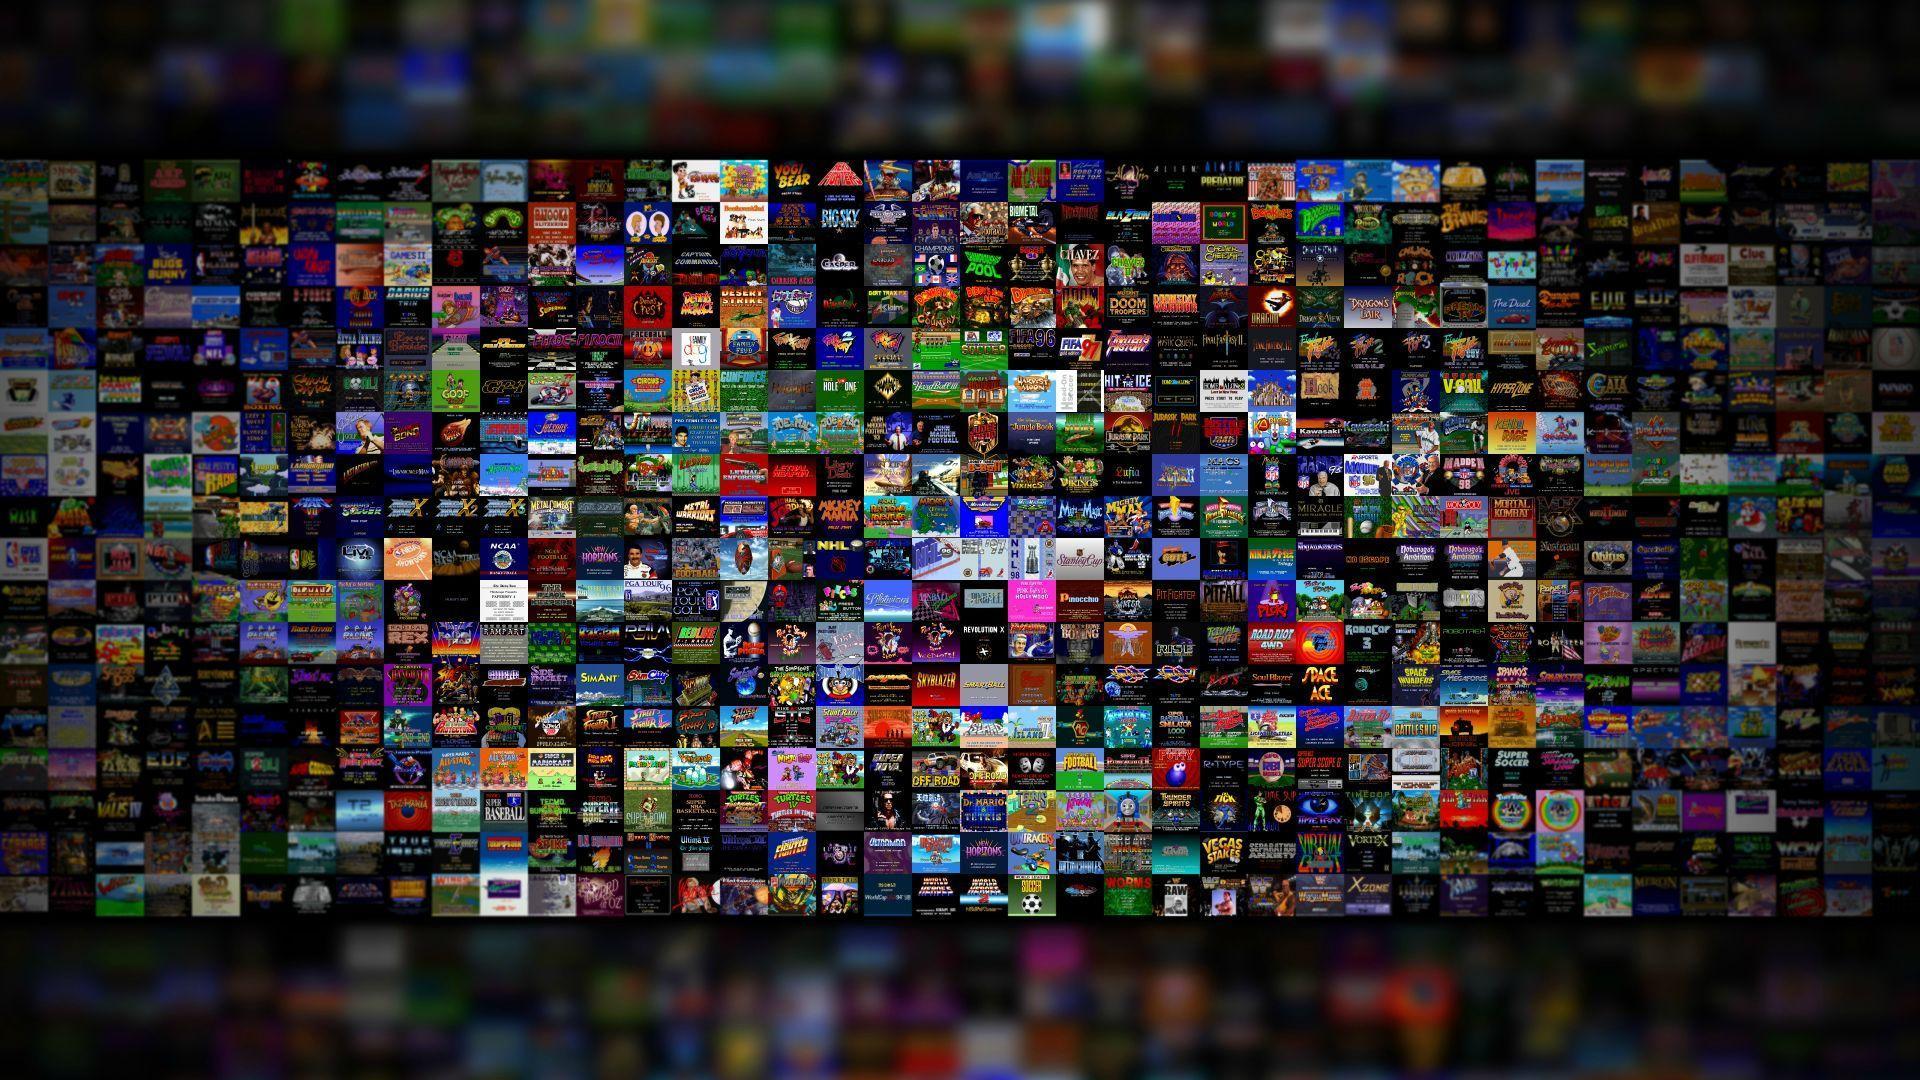 snes wallpaper - HD1920×1080